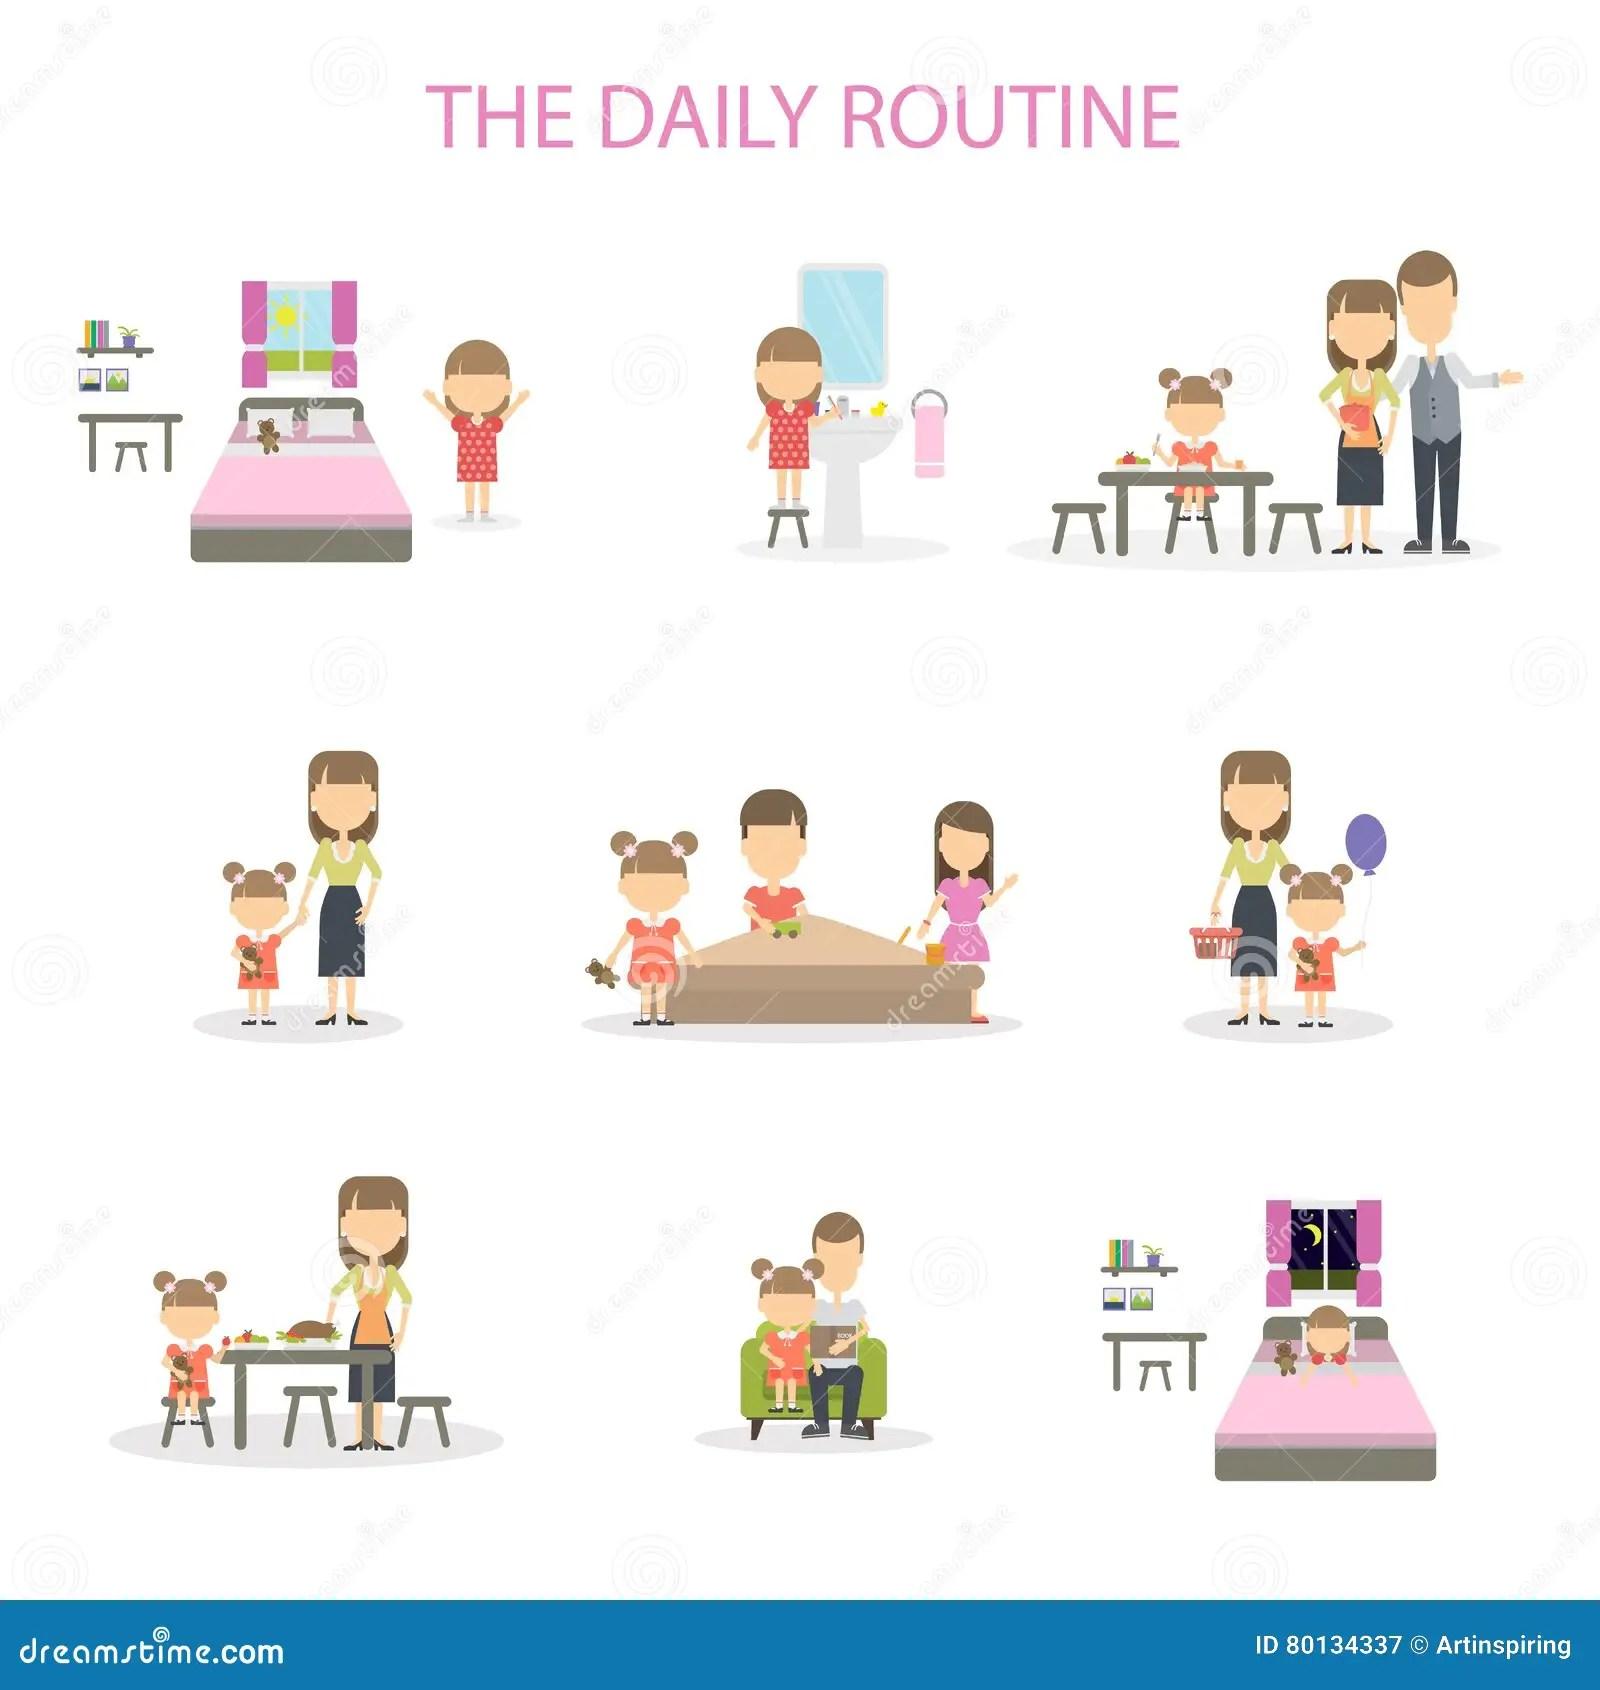 La Routine Quotidiana Illustrazione Vettoriale